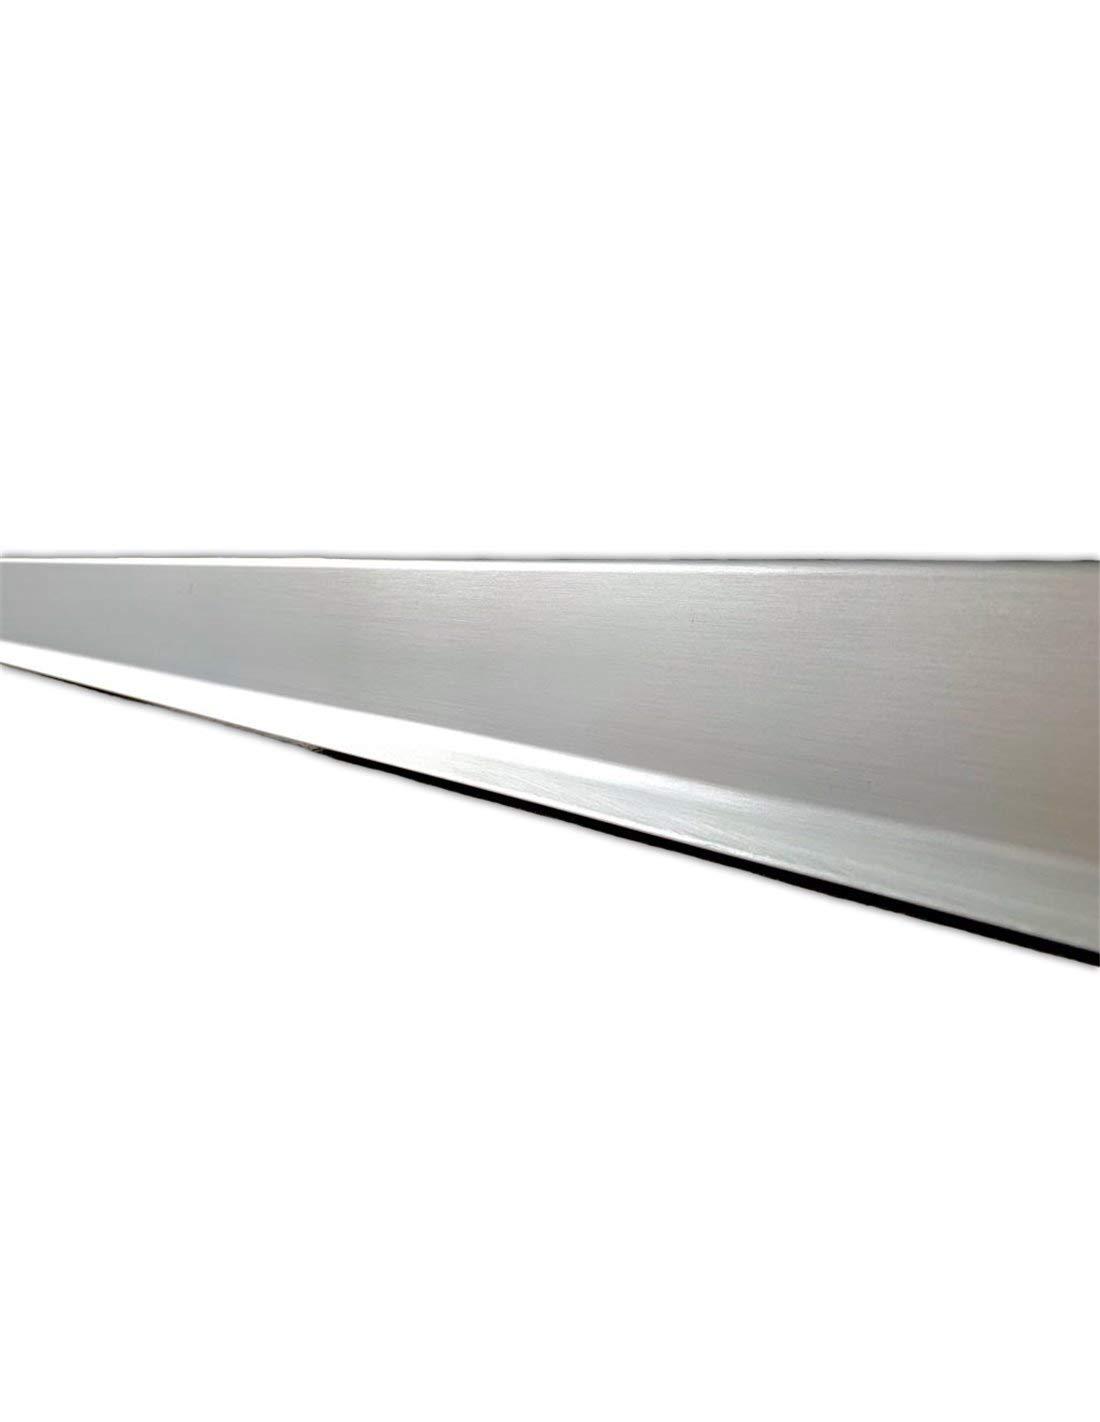 3m larg Rodapie Aluminio Labio Inferior Plata 3m Jardin202 70mm alt